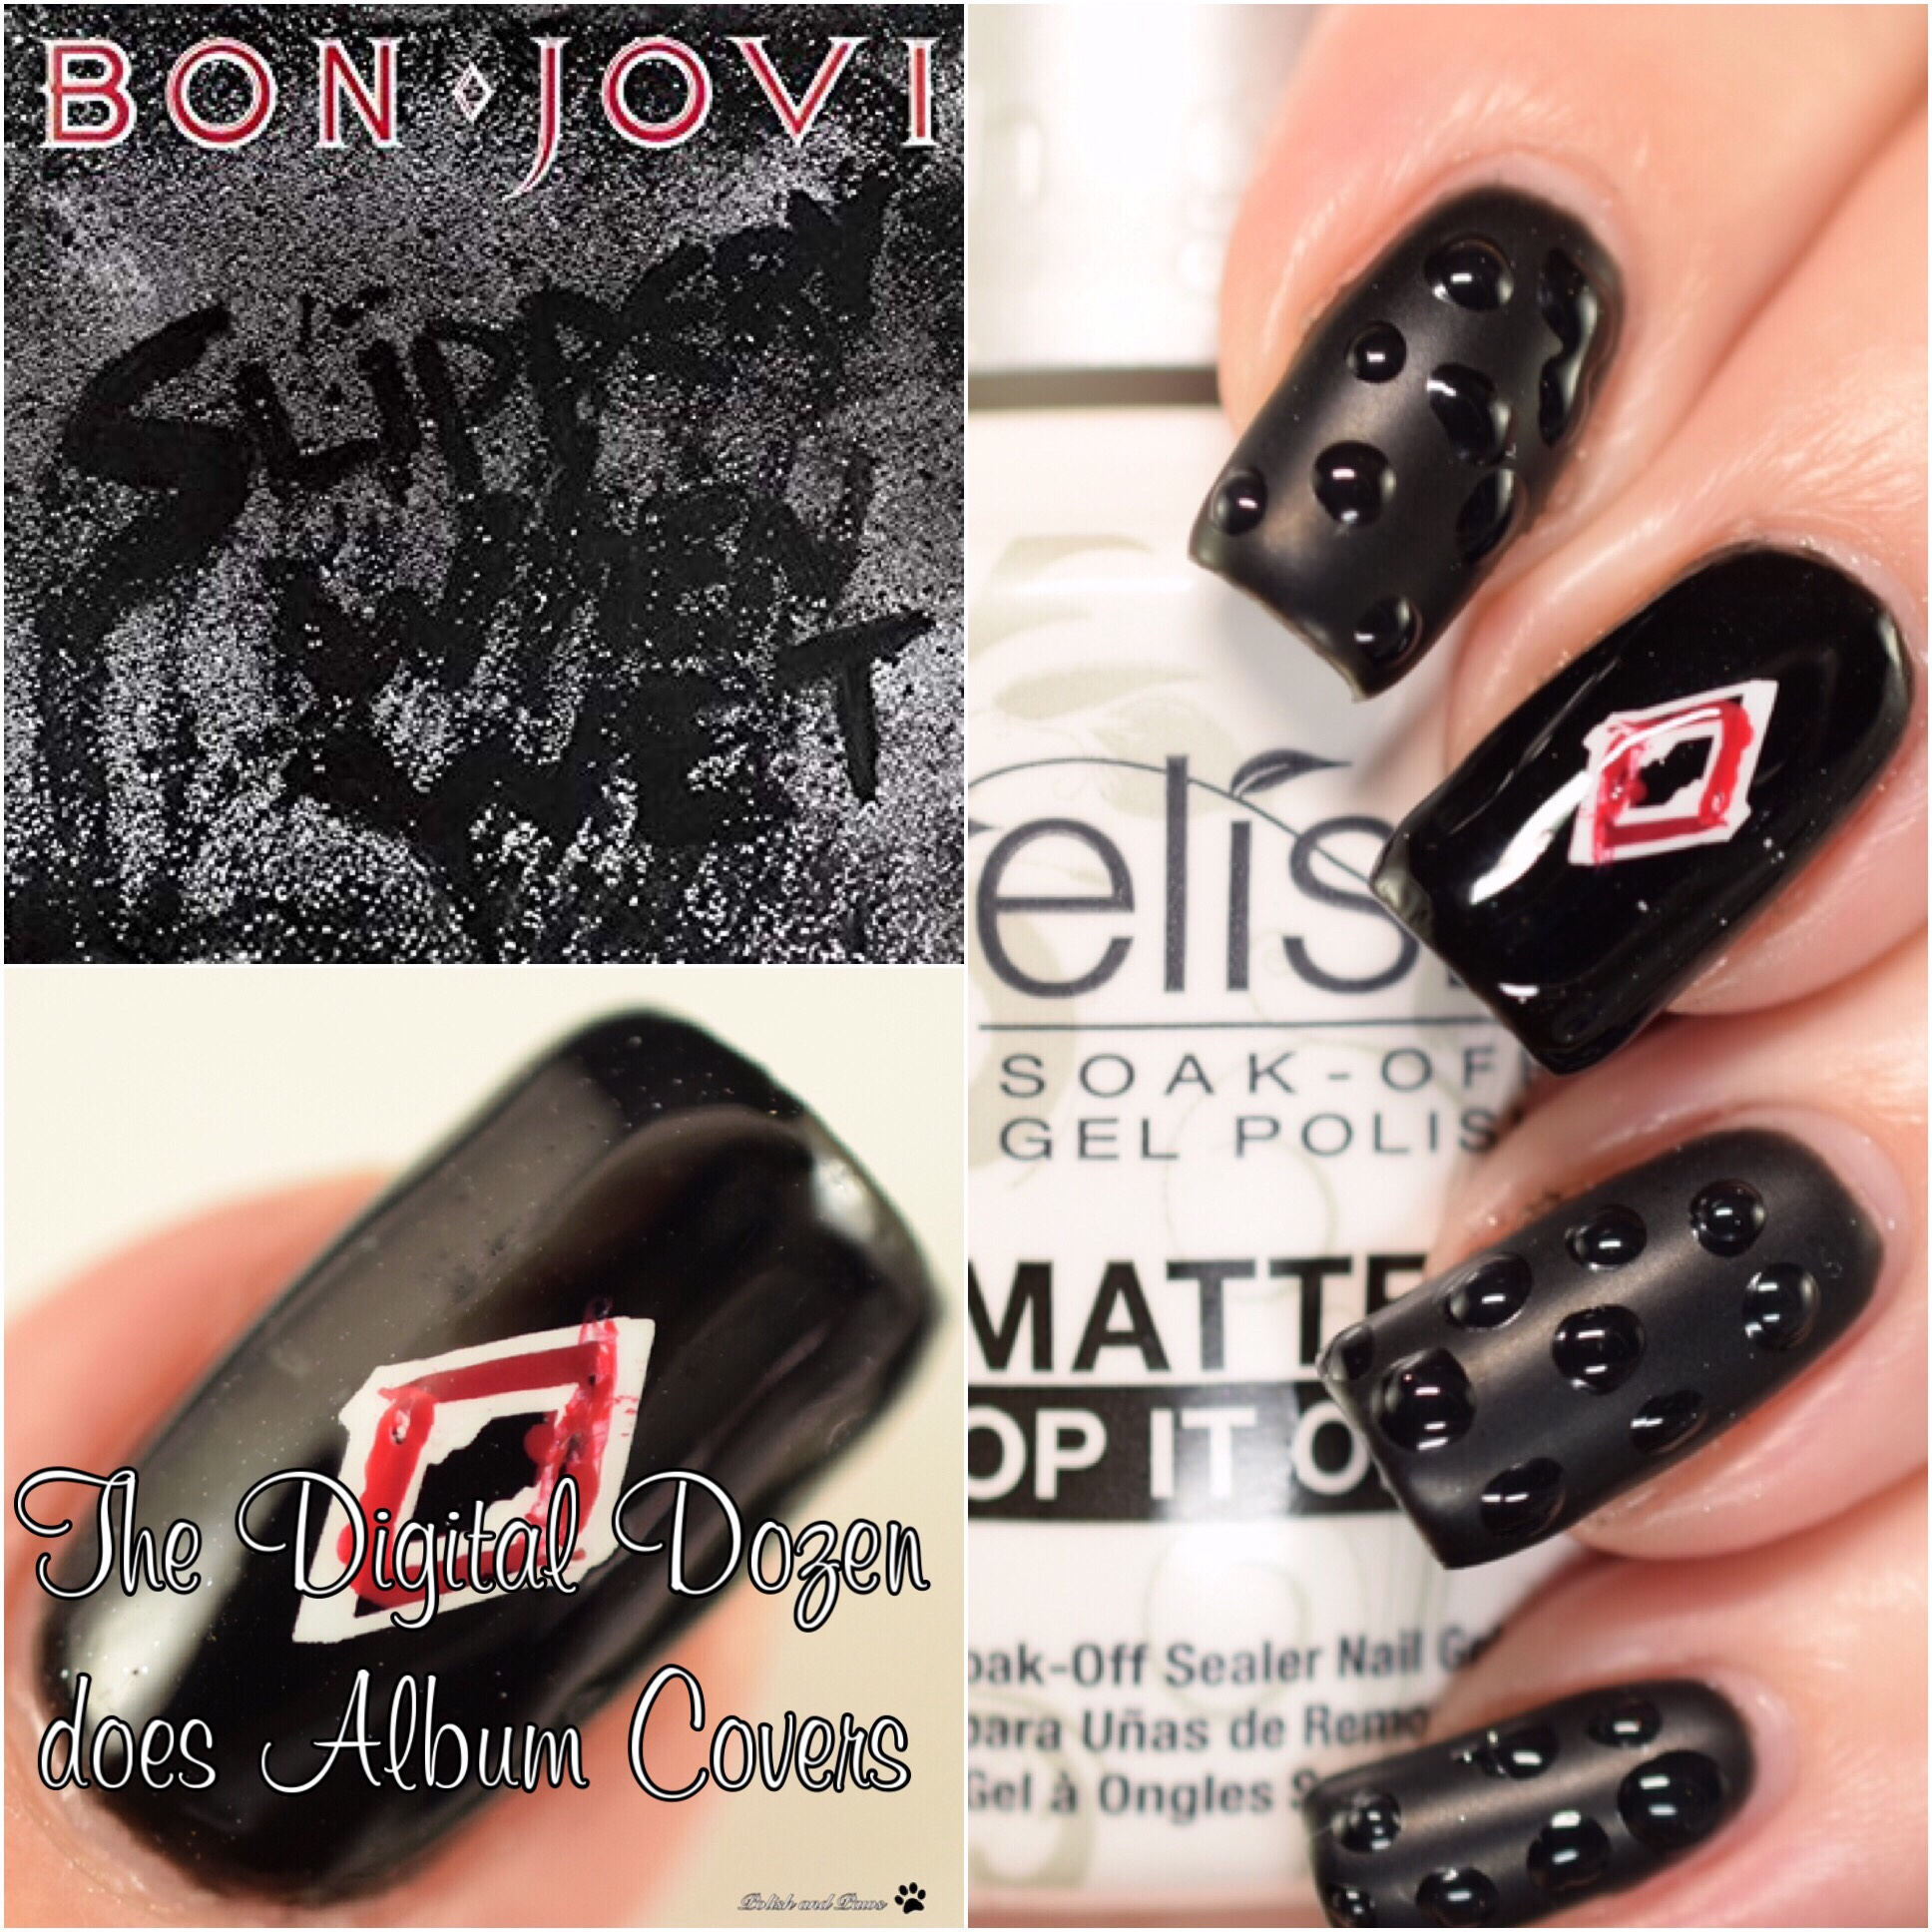 The Digit-al Dozen does Album Covers: Bon Jovi